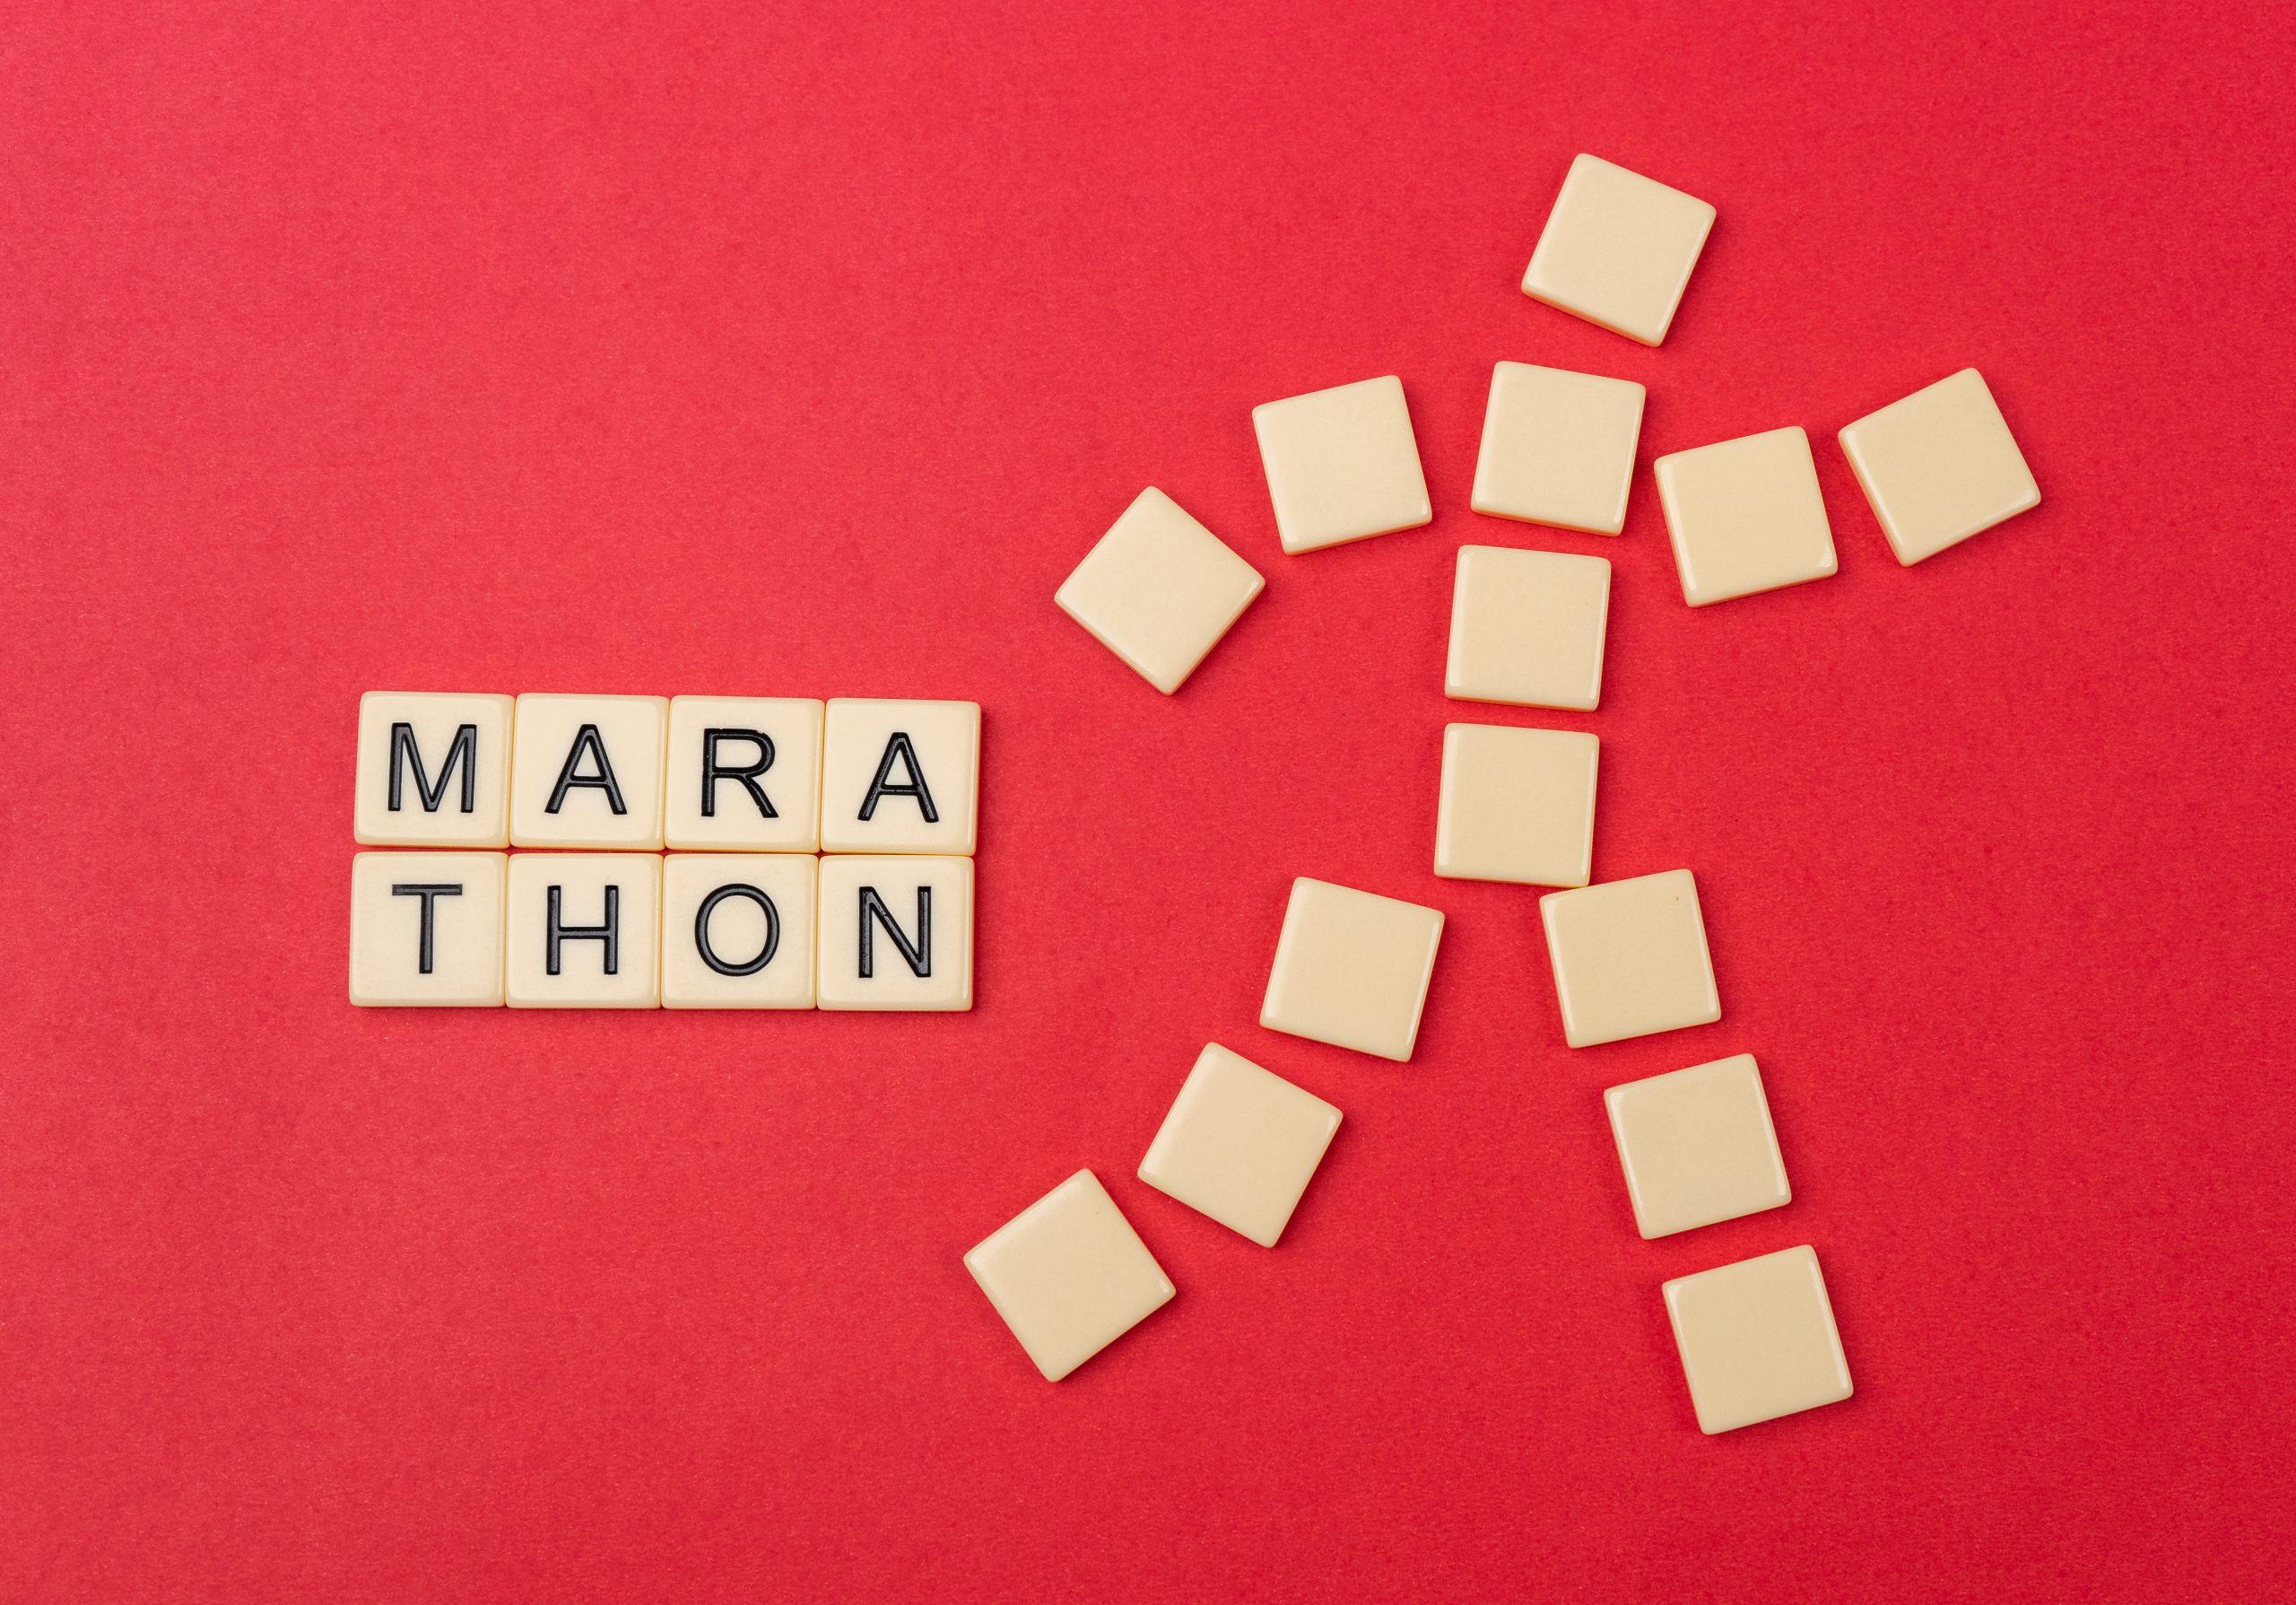 Marathon in Word